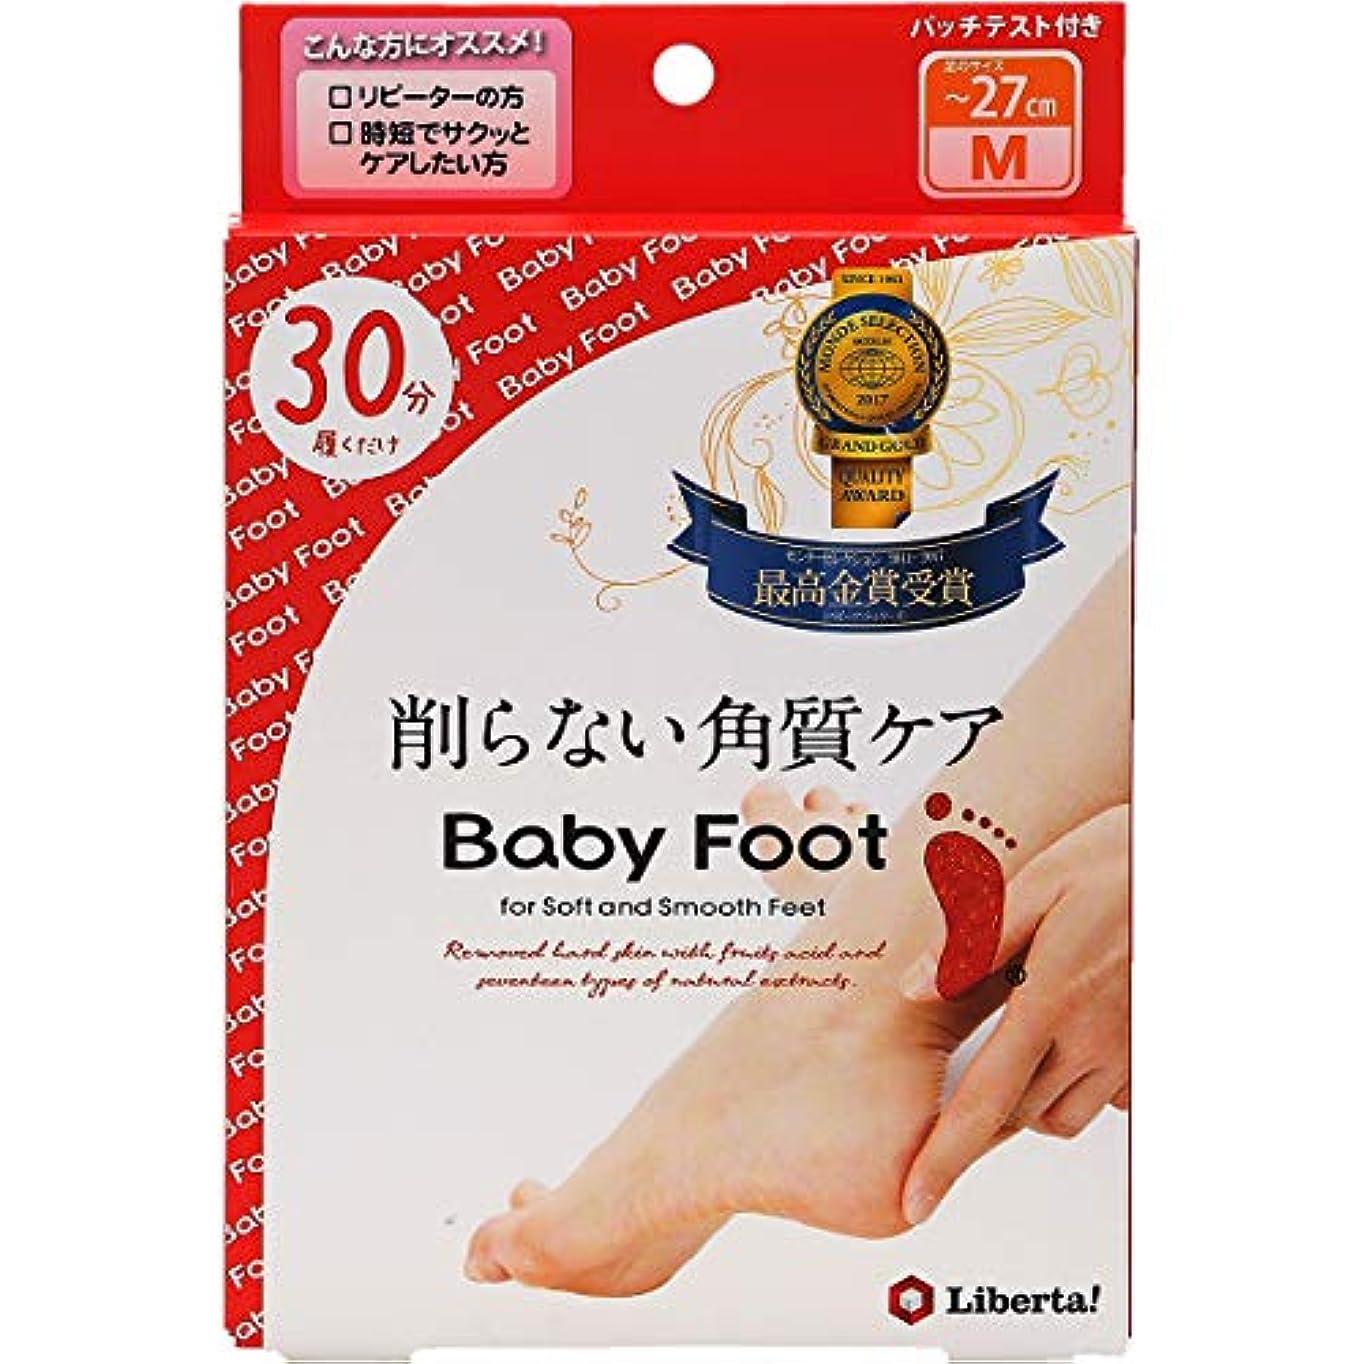 スリル解放する膨らませるベビーフット (Baby Foot) ベビーフット イージーパック30分タイプ Mサイズ 単品